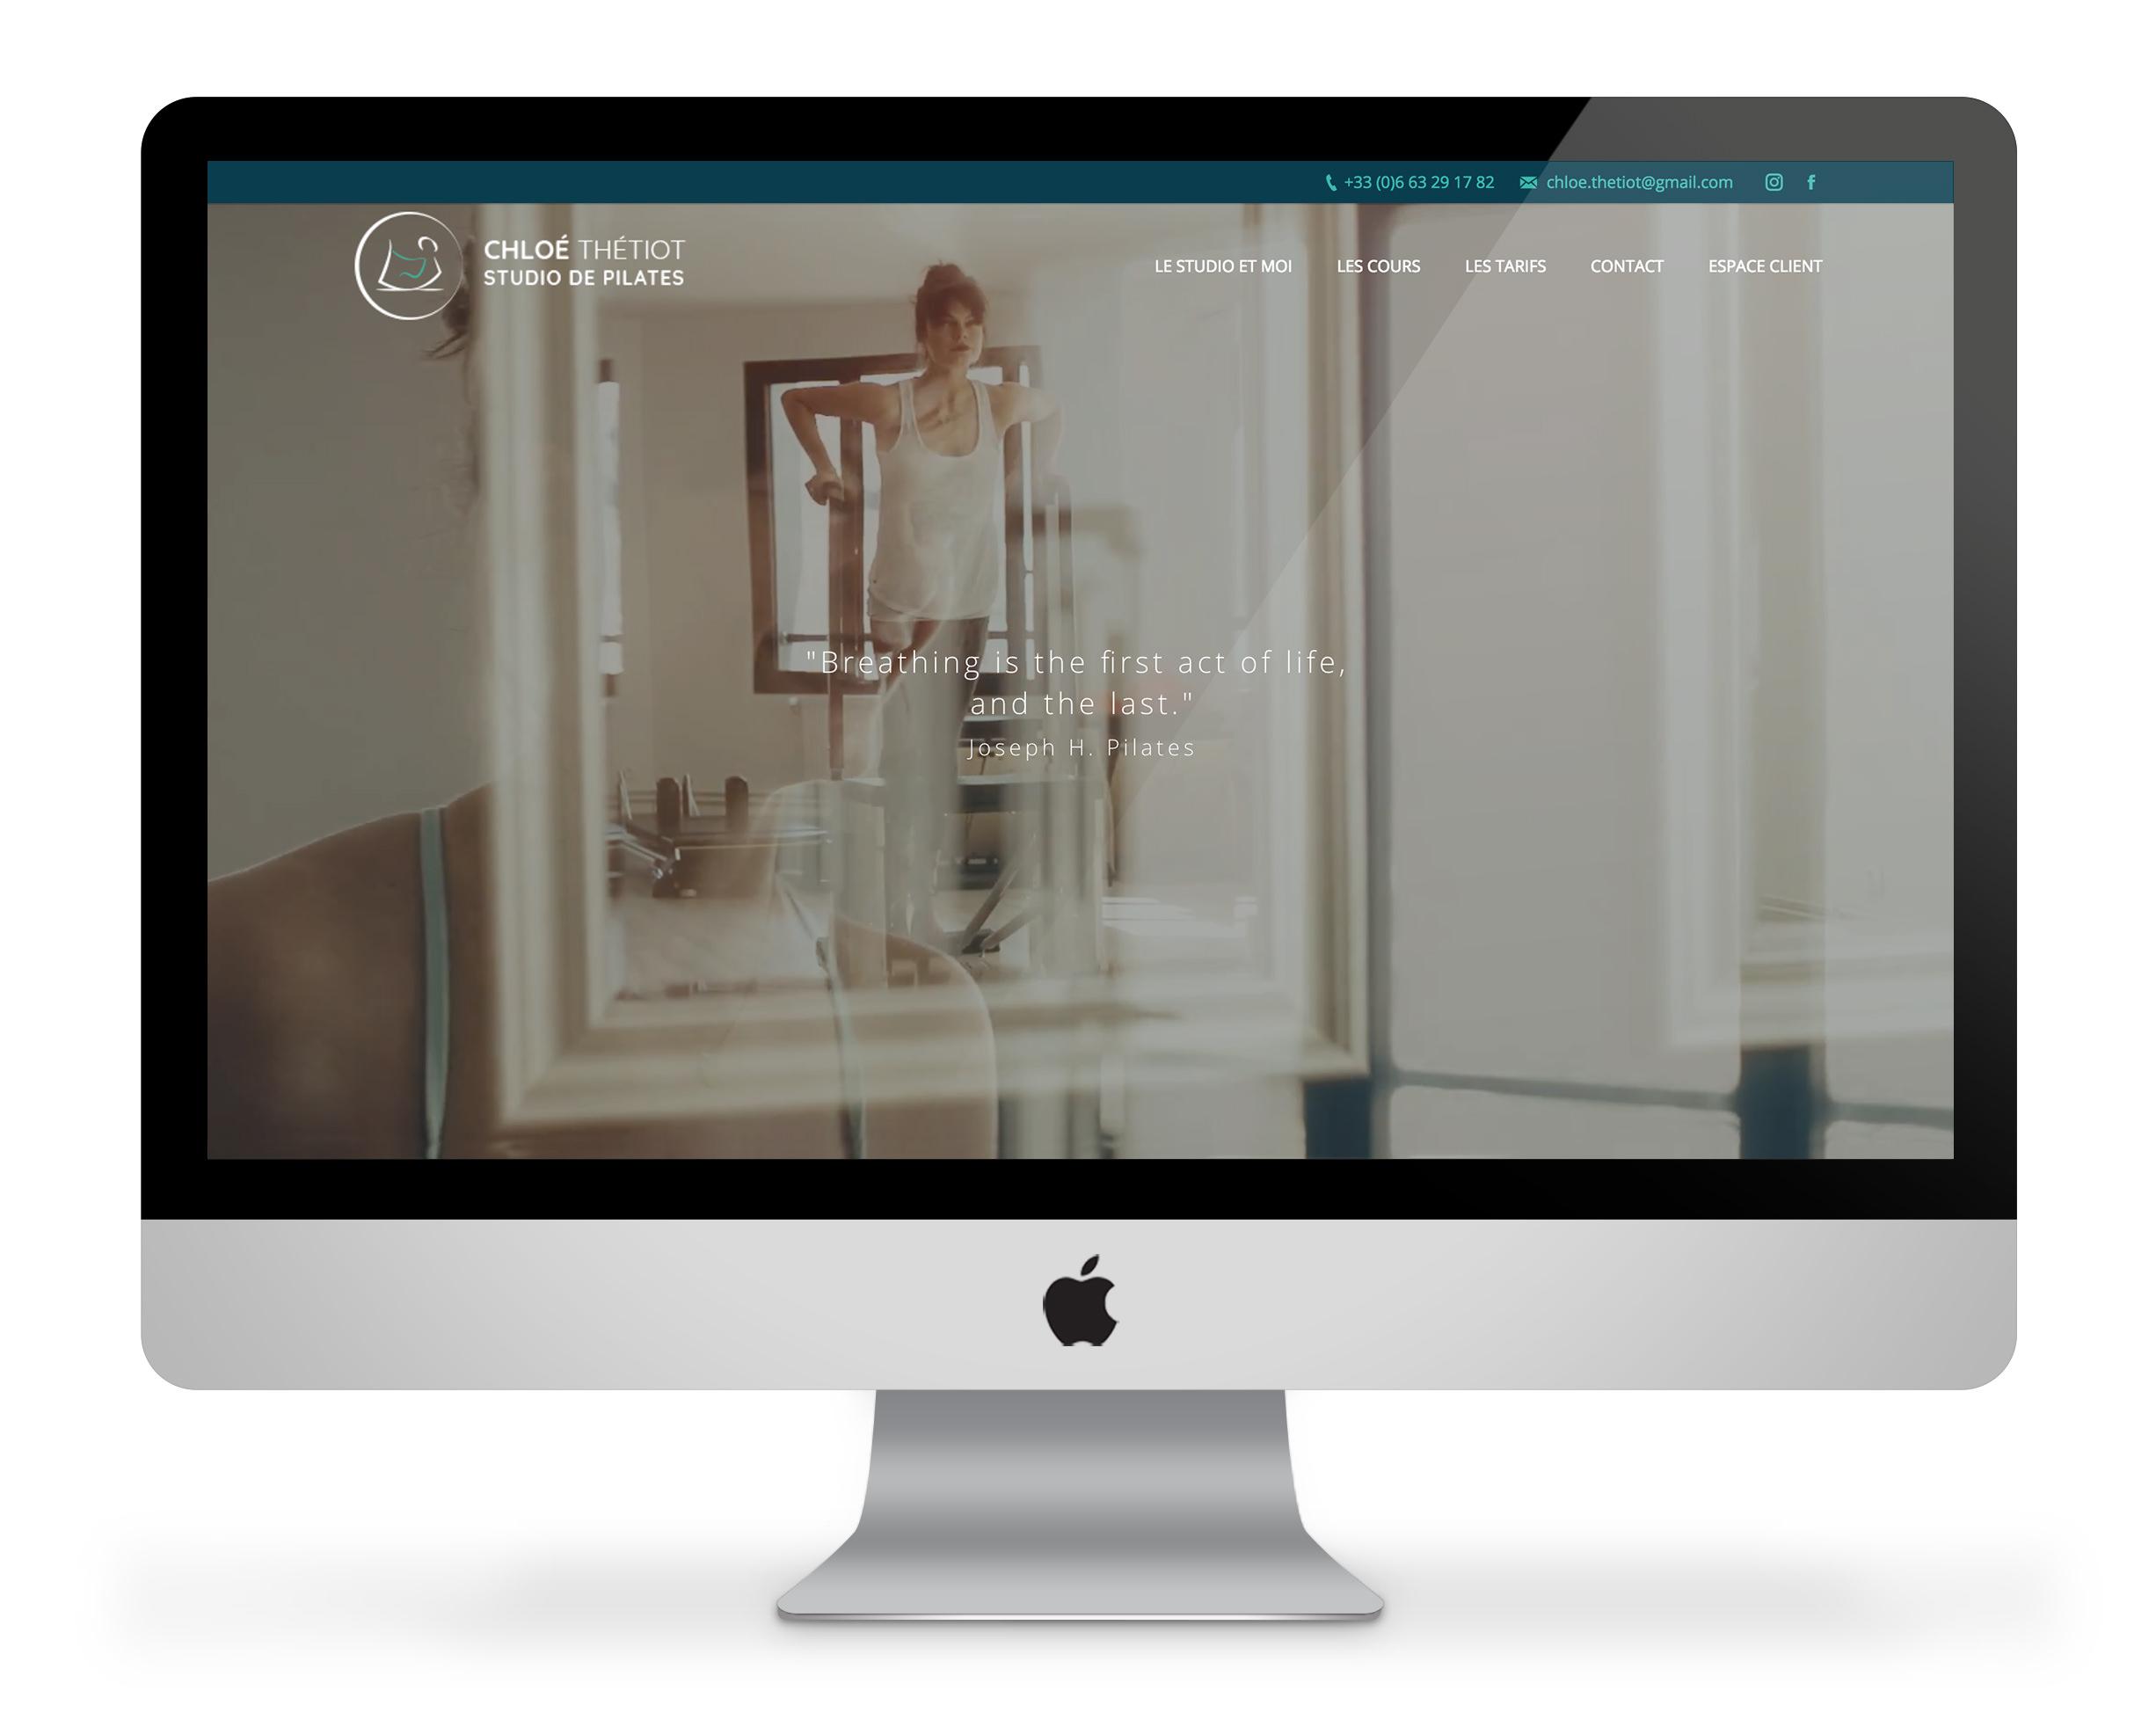 ecran-site-home-chloe-thetiot-vague-graphique